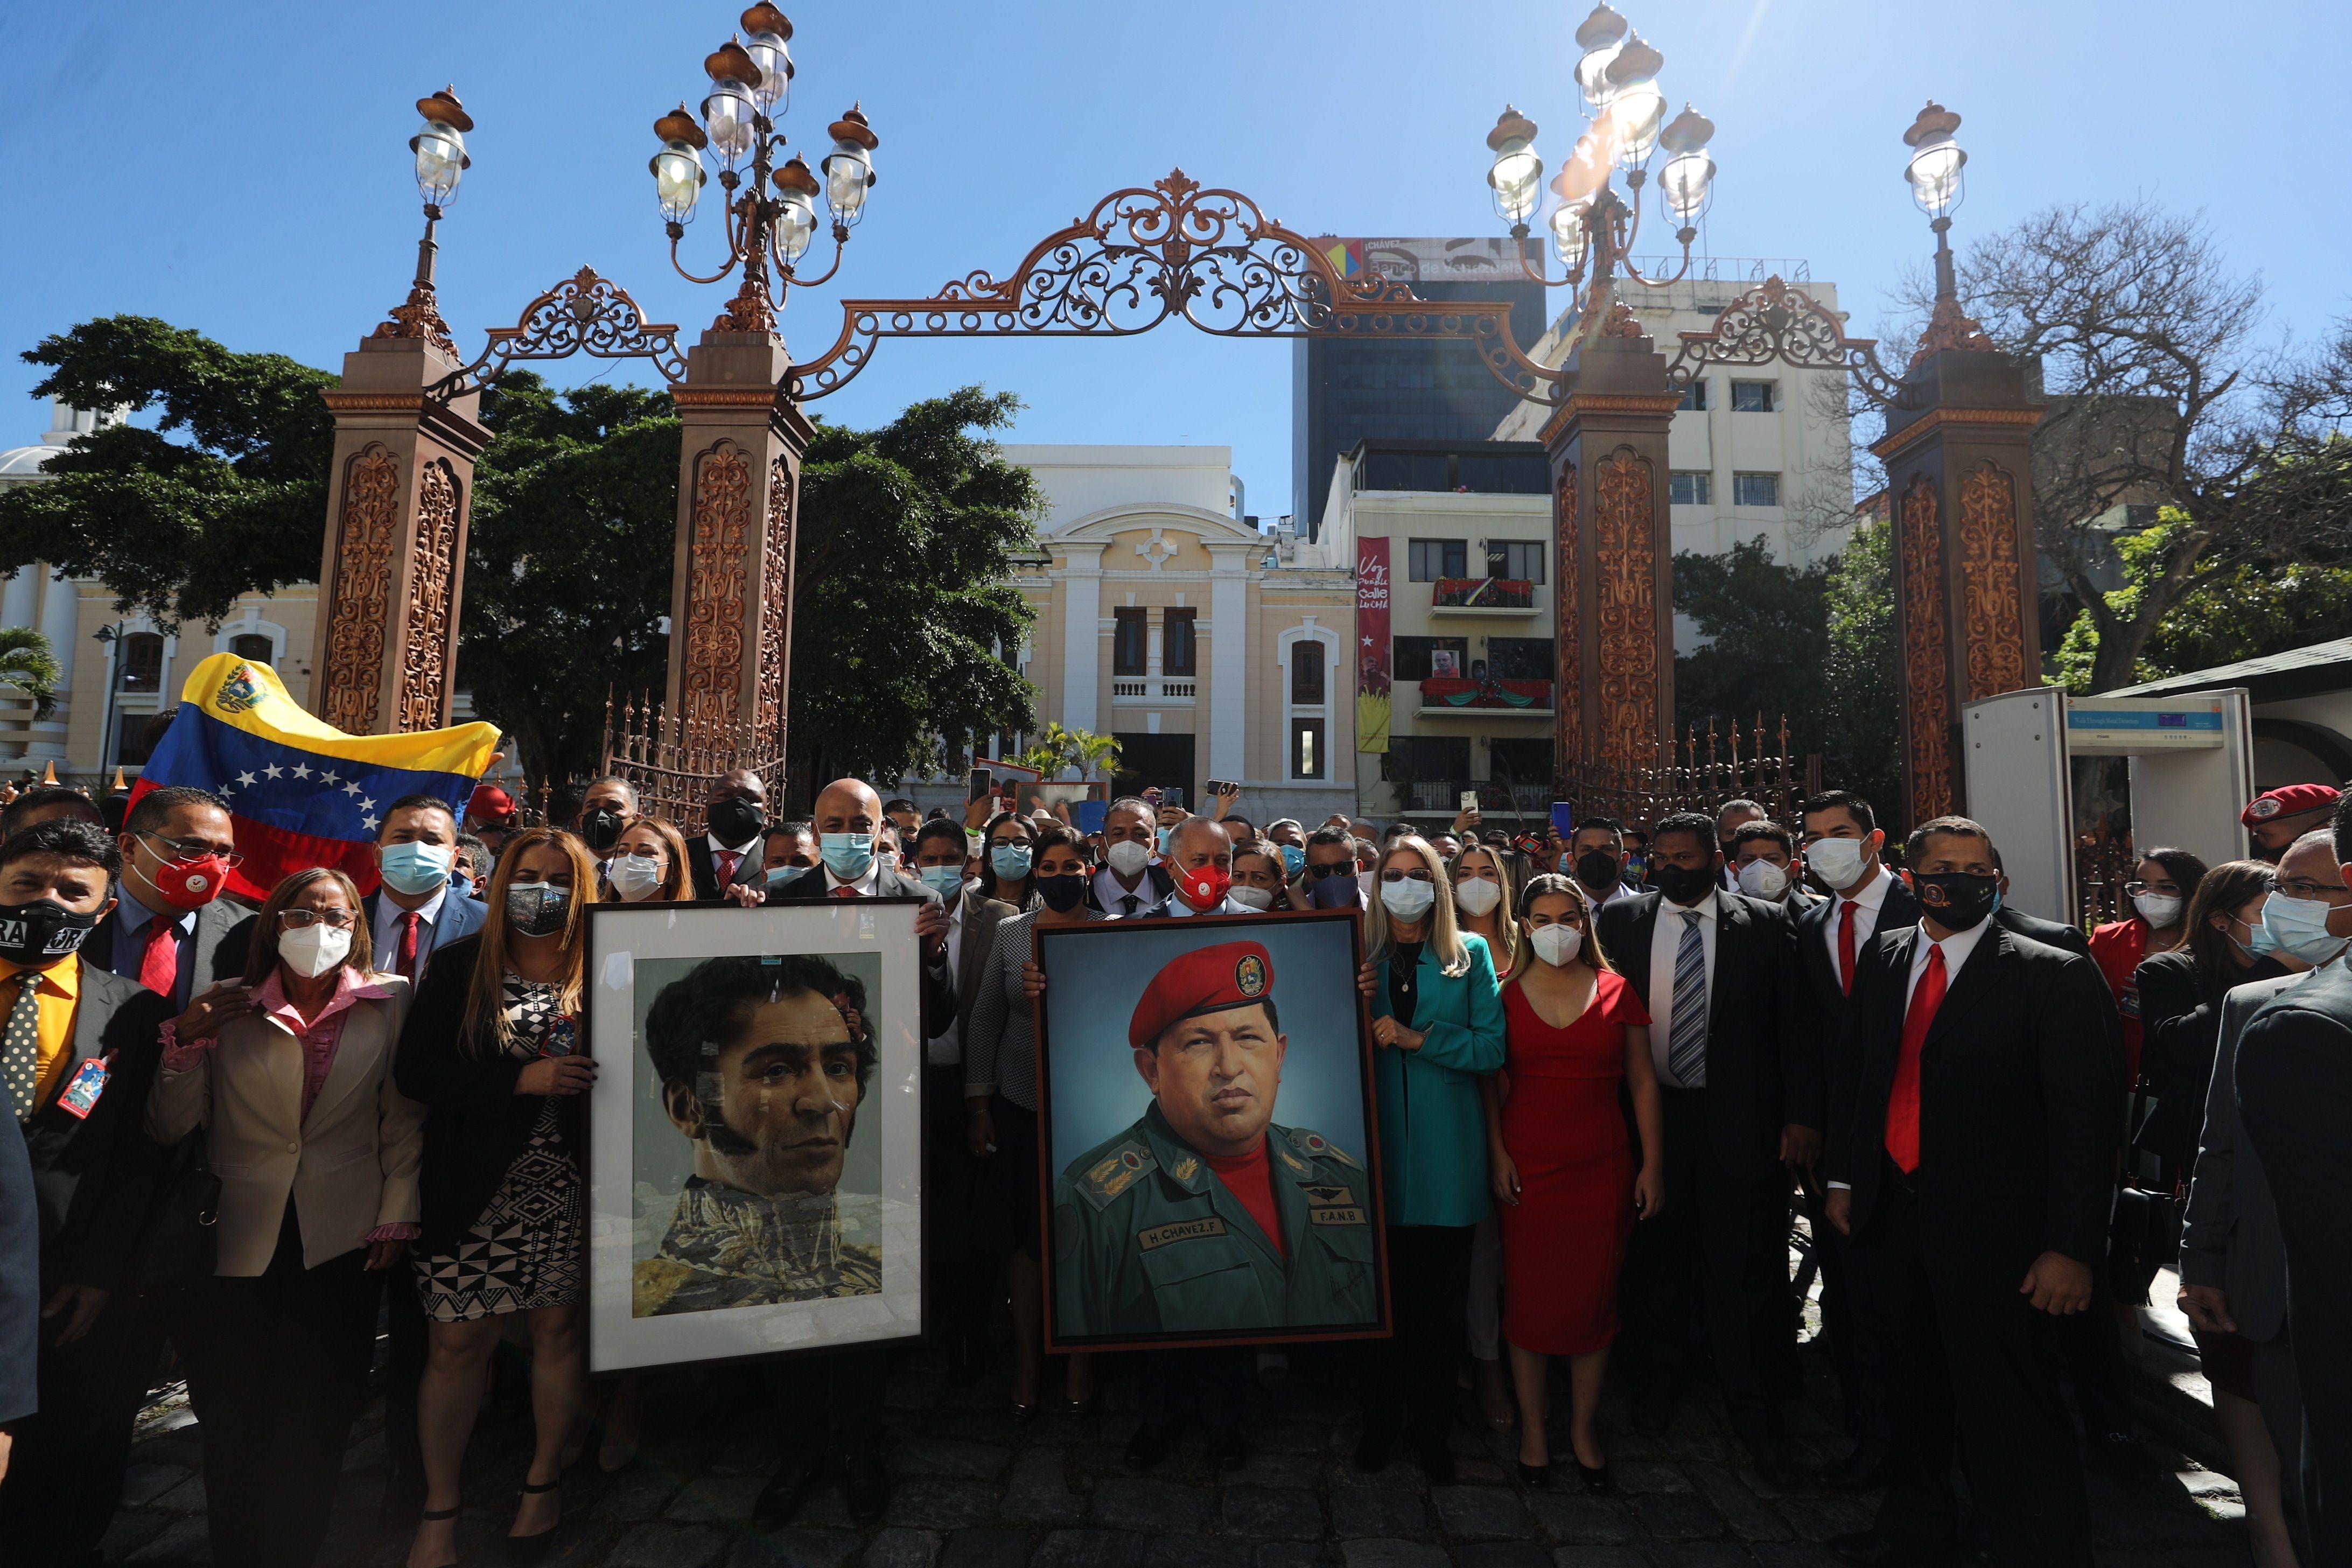 Diputados chavistas antes de la entrada en la Asamblea Nacional con imágenes de Hugo Chávez y Simón Bolívar.